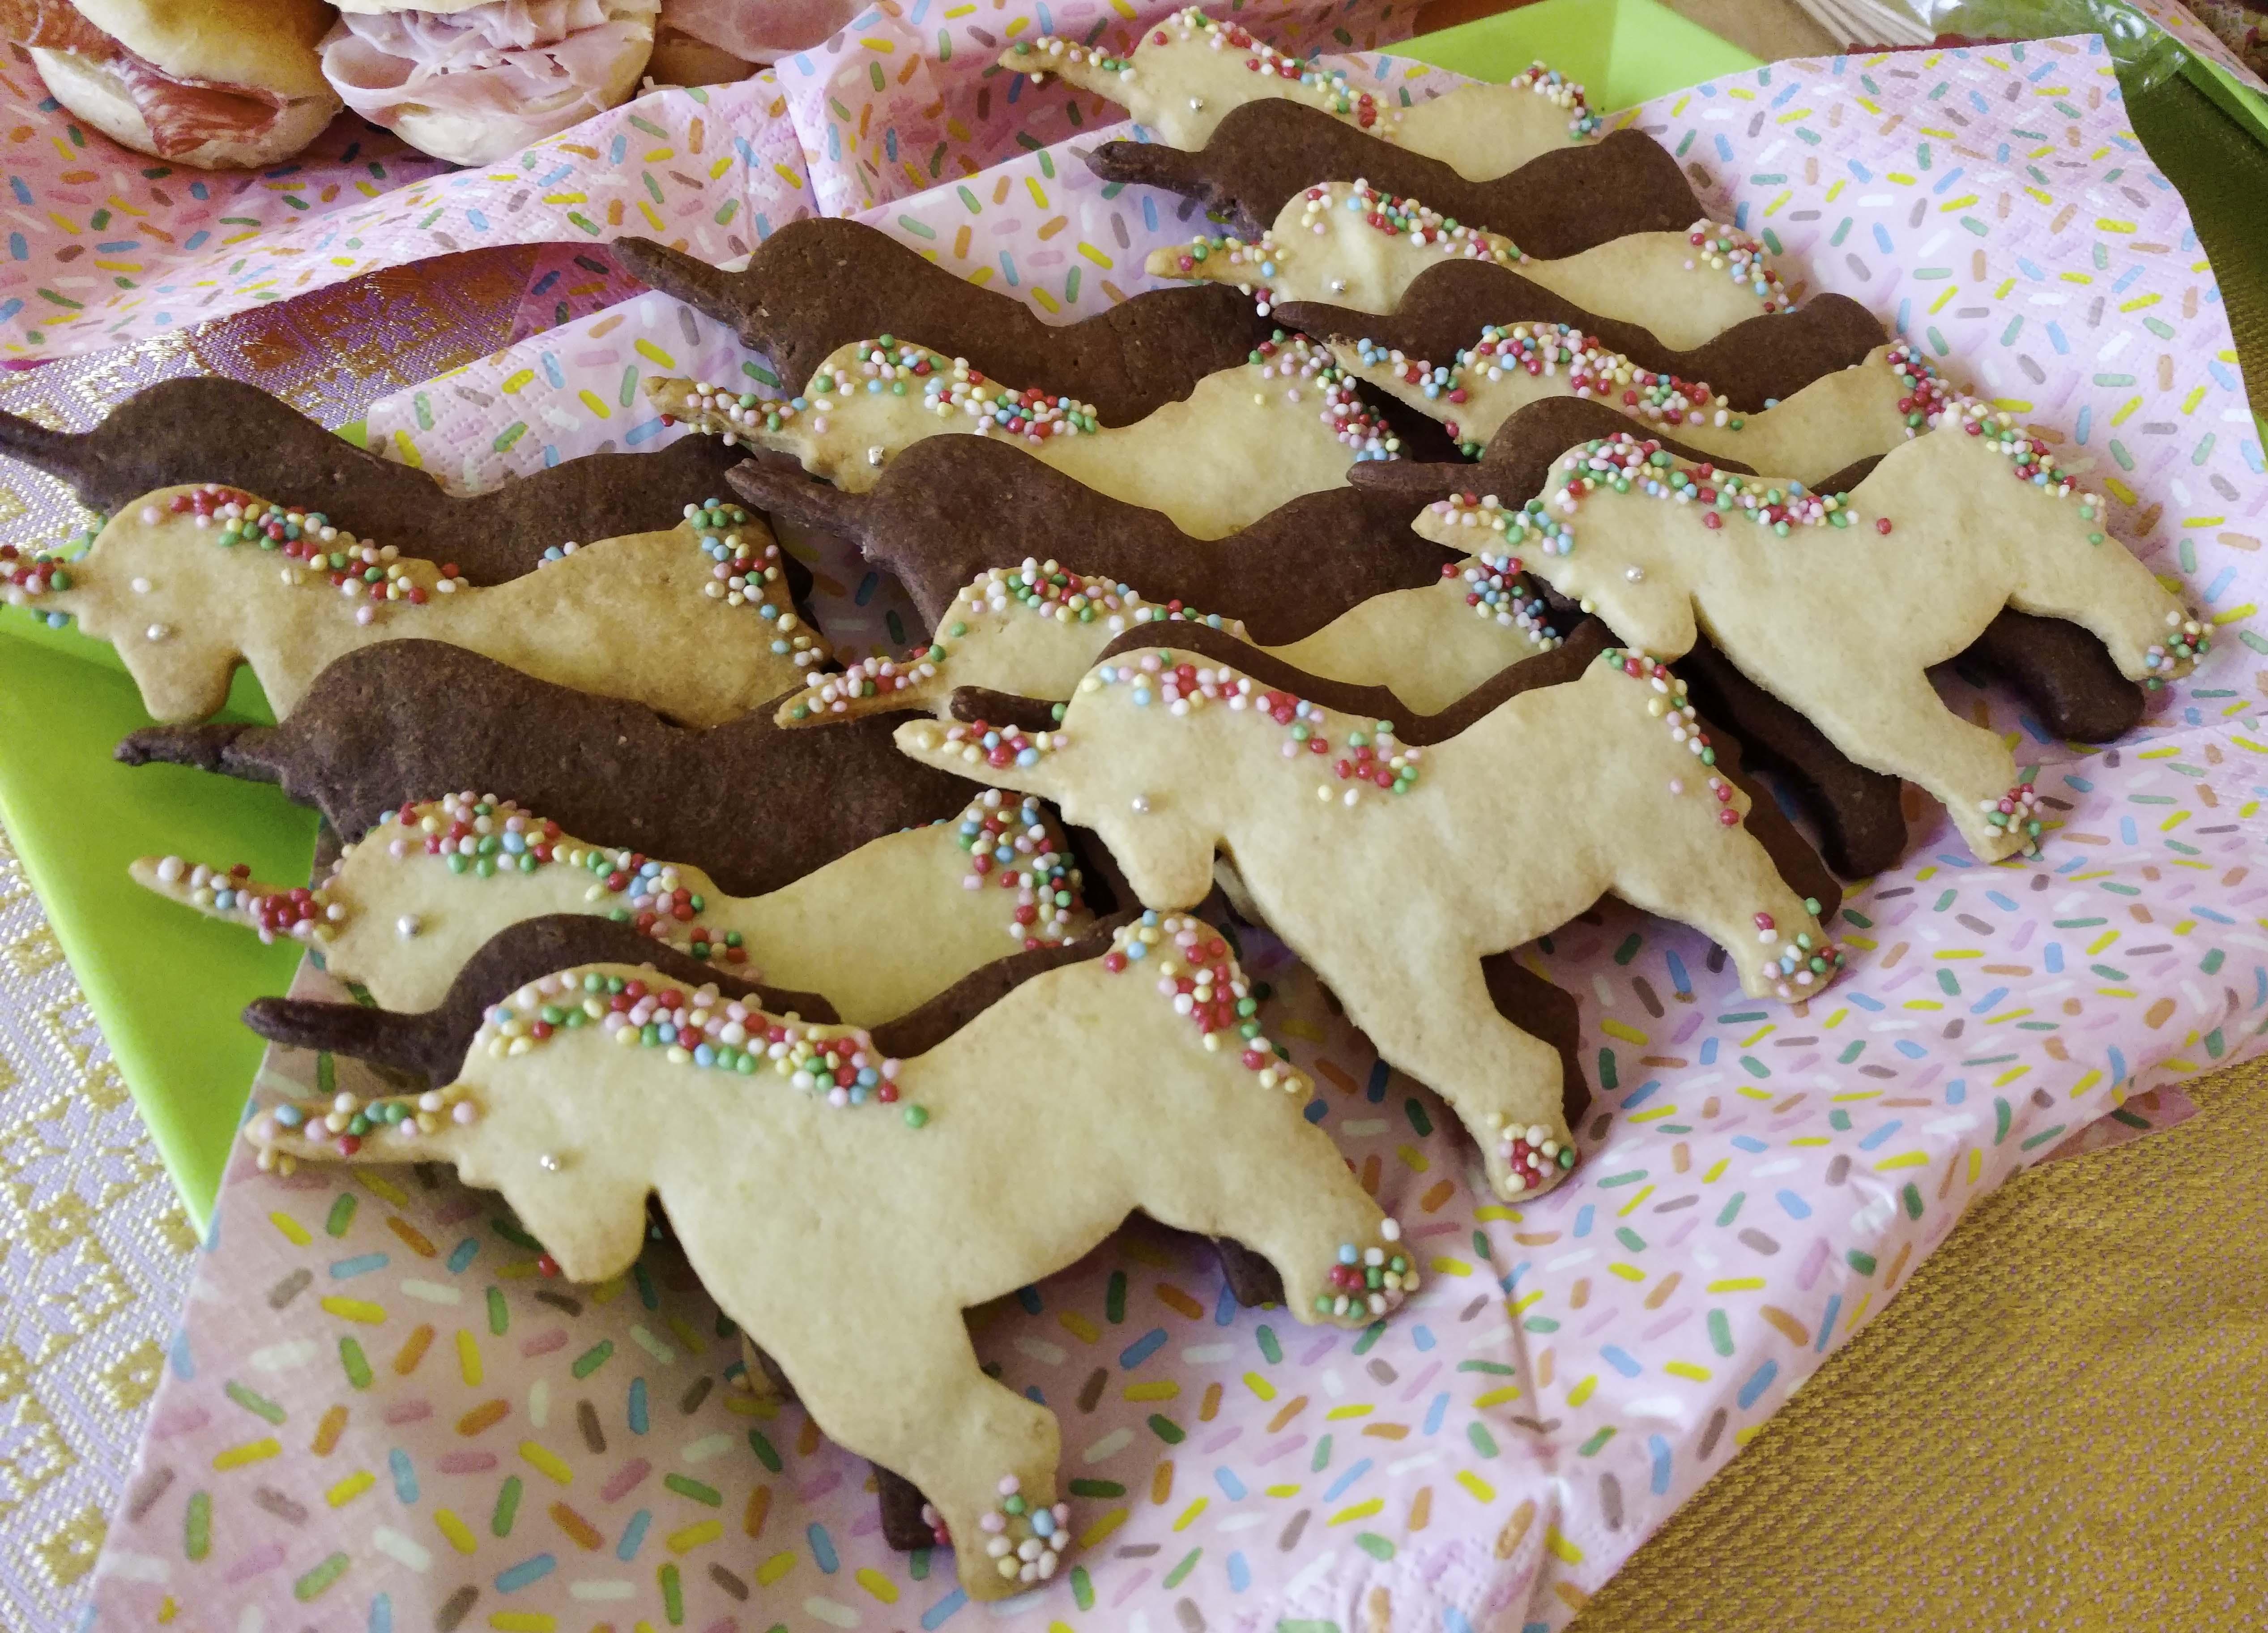 Biscotti a unicorno con zuccherini colorati